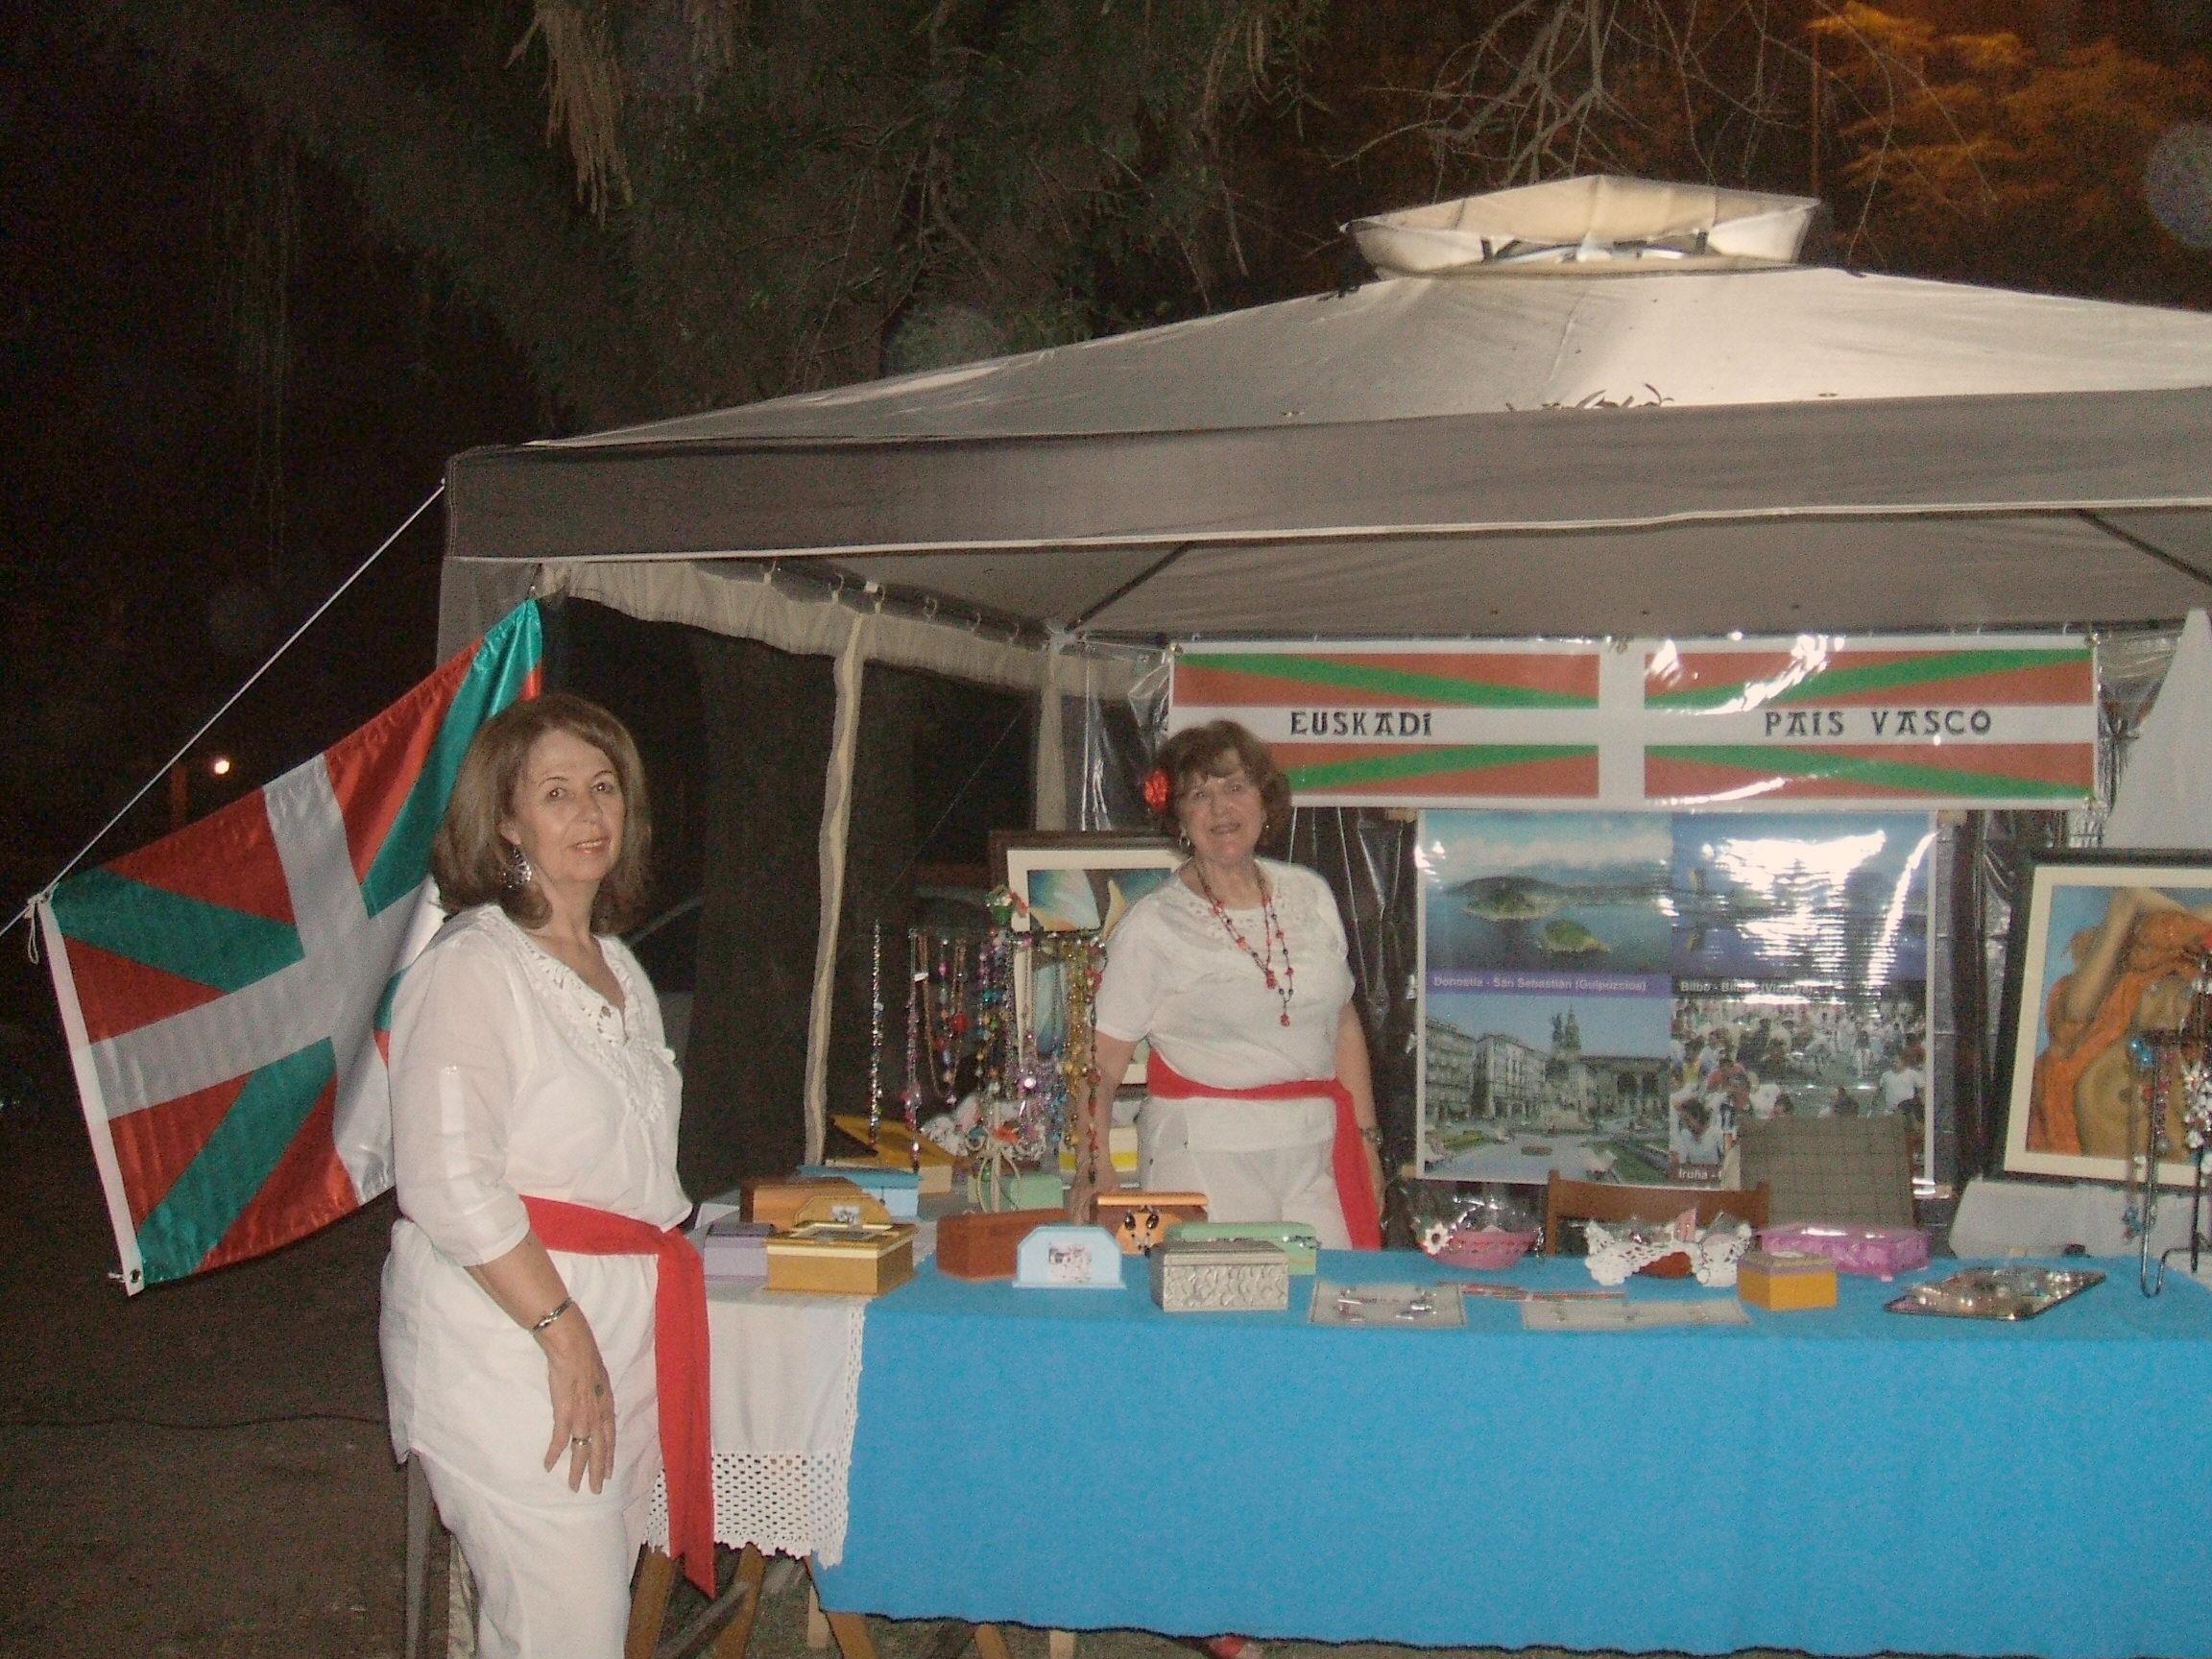 Integrantes de la Asociación Vasca de Tucumán en la Feria de Colectividades de Yerba Buena